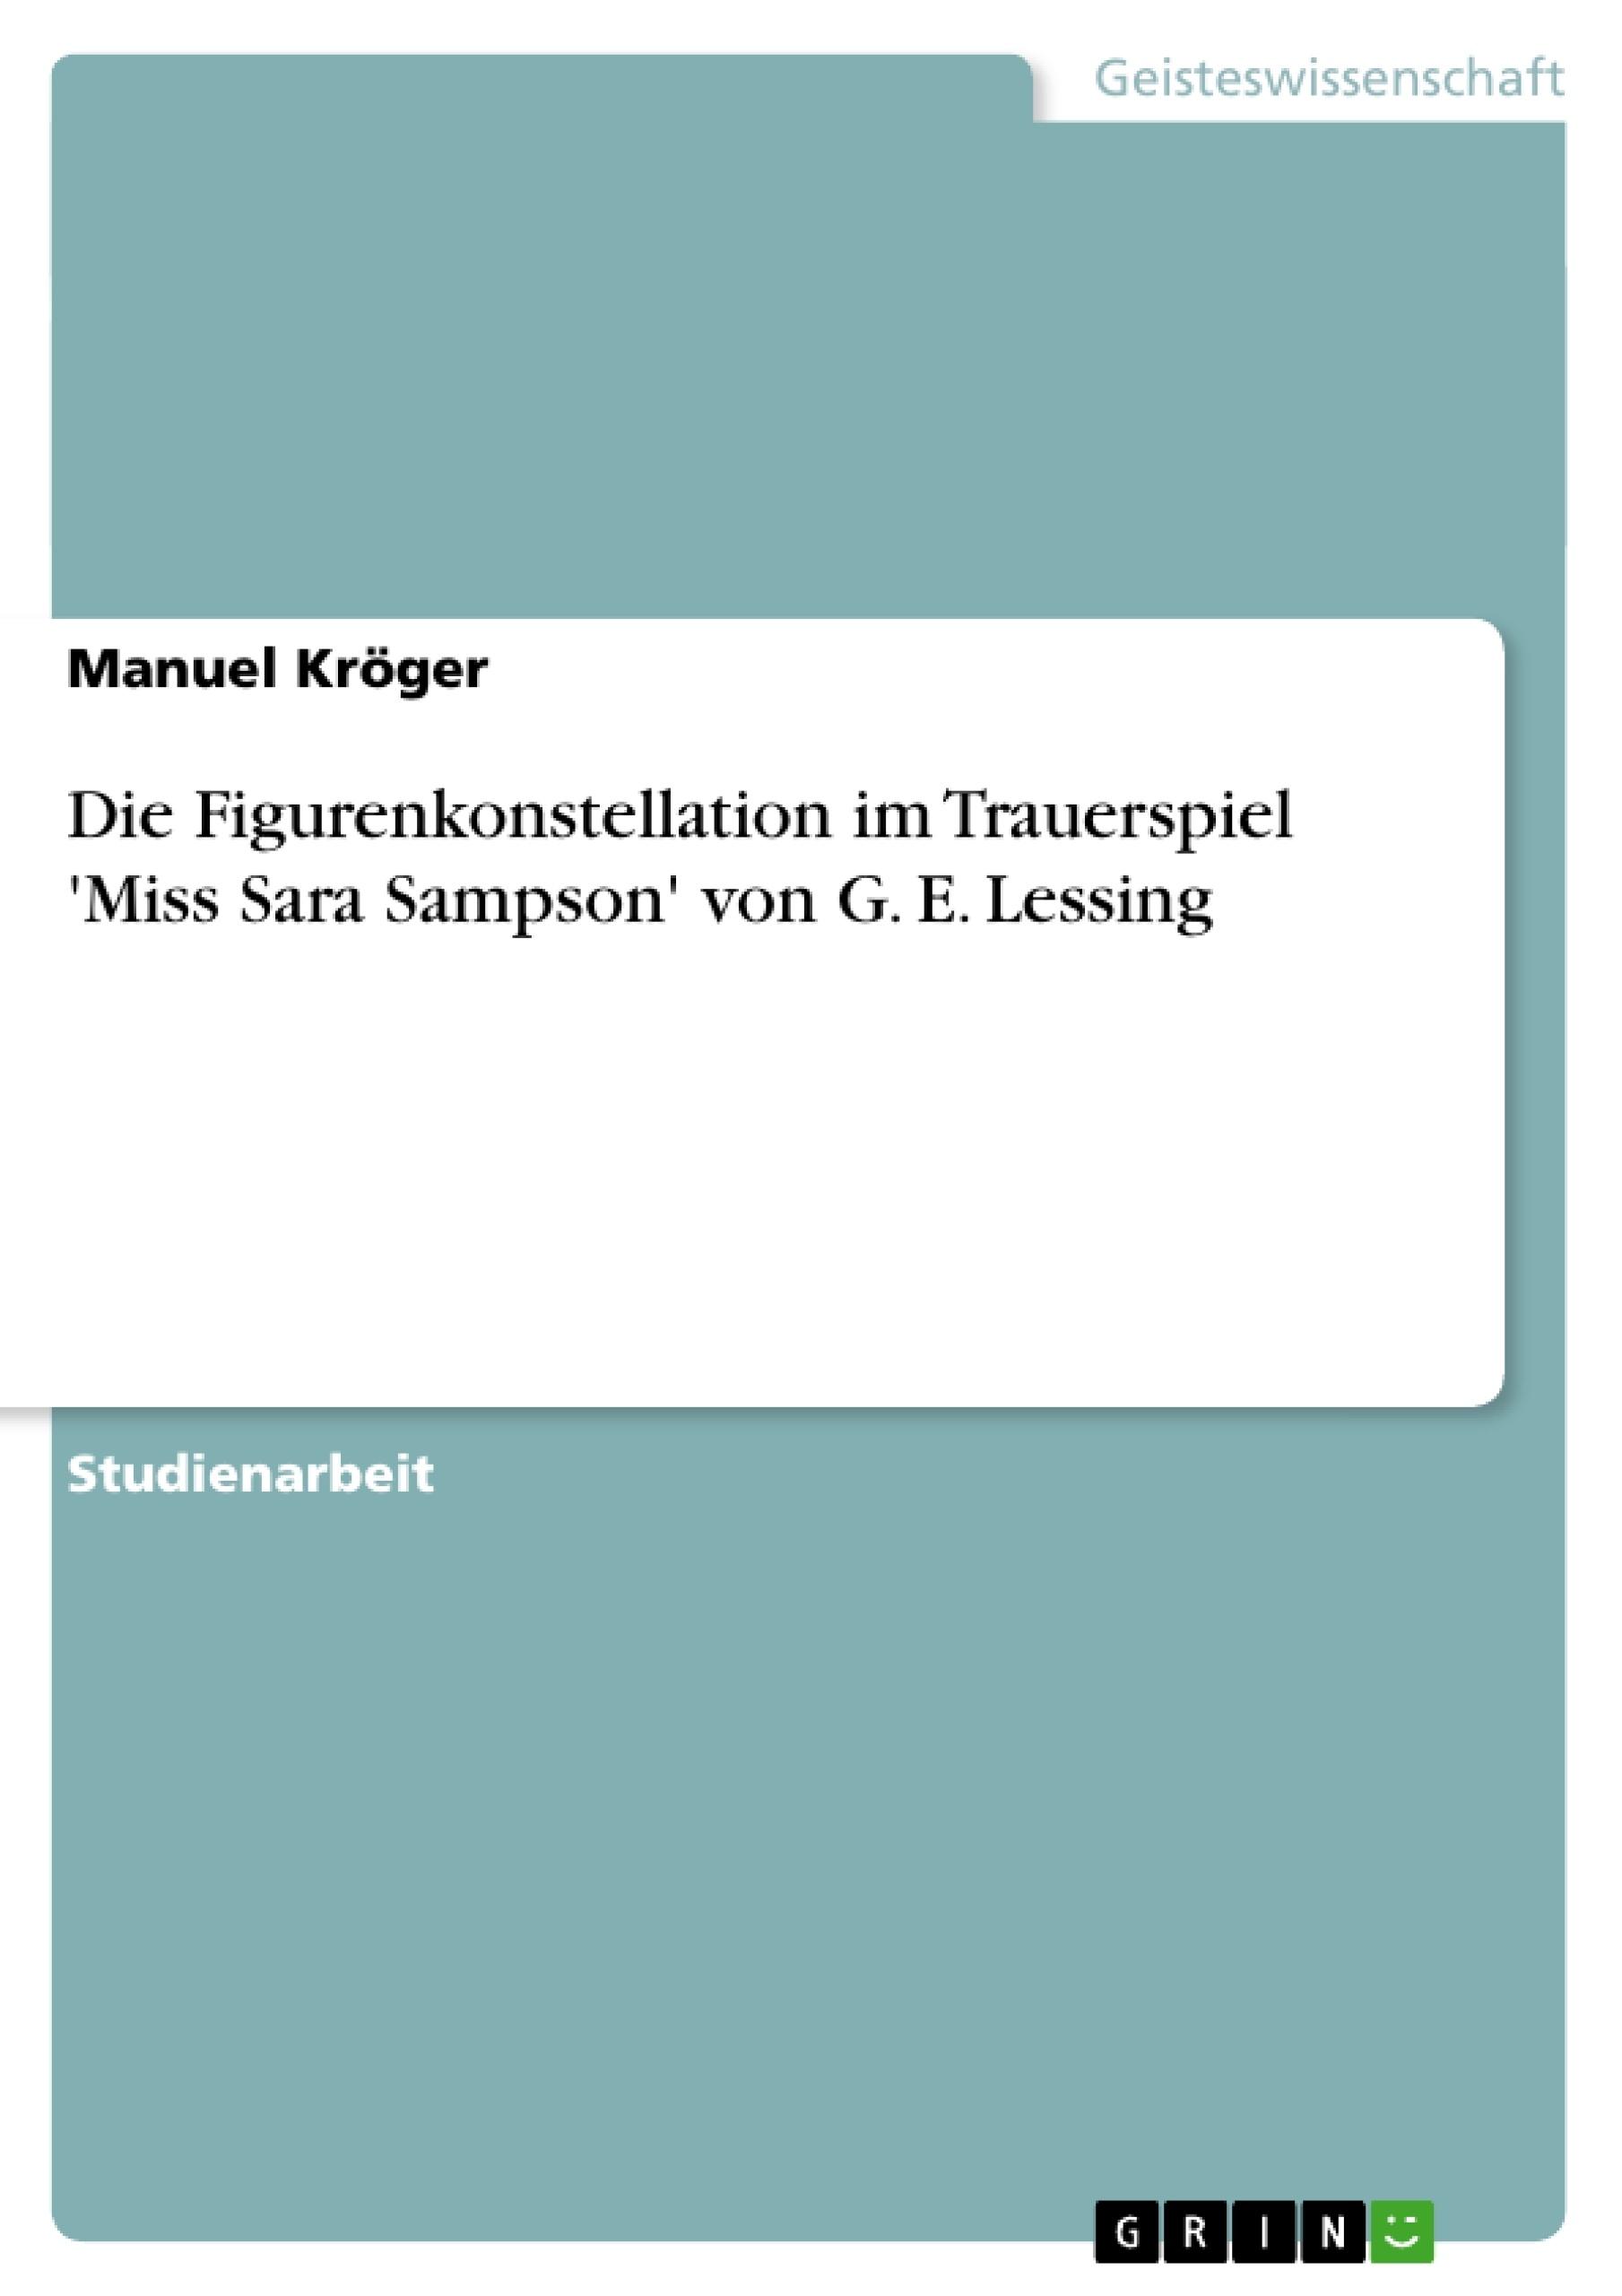 Titel: Die Figurenkonstellation im Trauerspiel 'Miss Sara Sampson' von G. E. Lessing